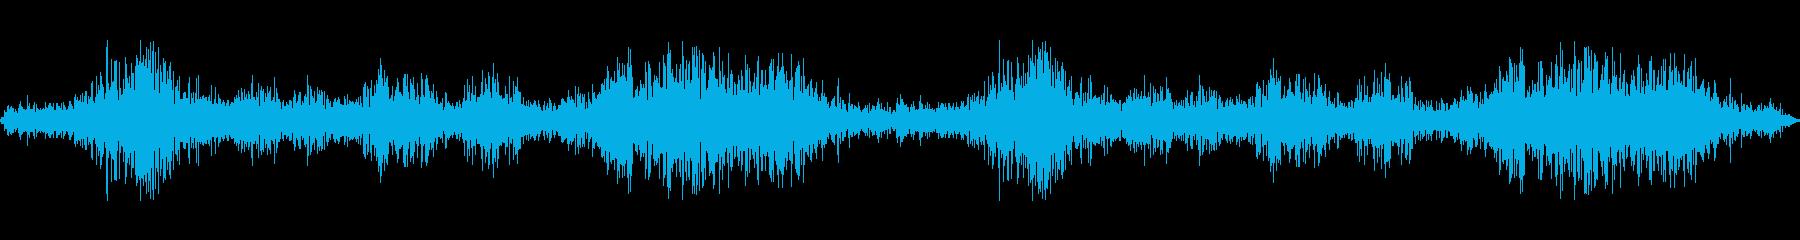 低風邪;ヴィンテージ録音;風の再生済みの波形